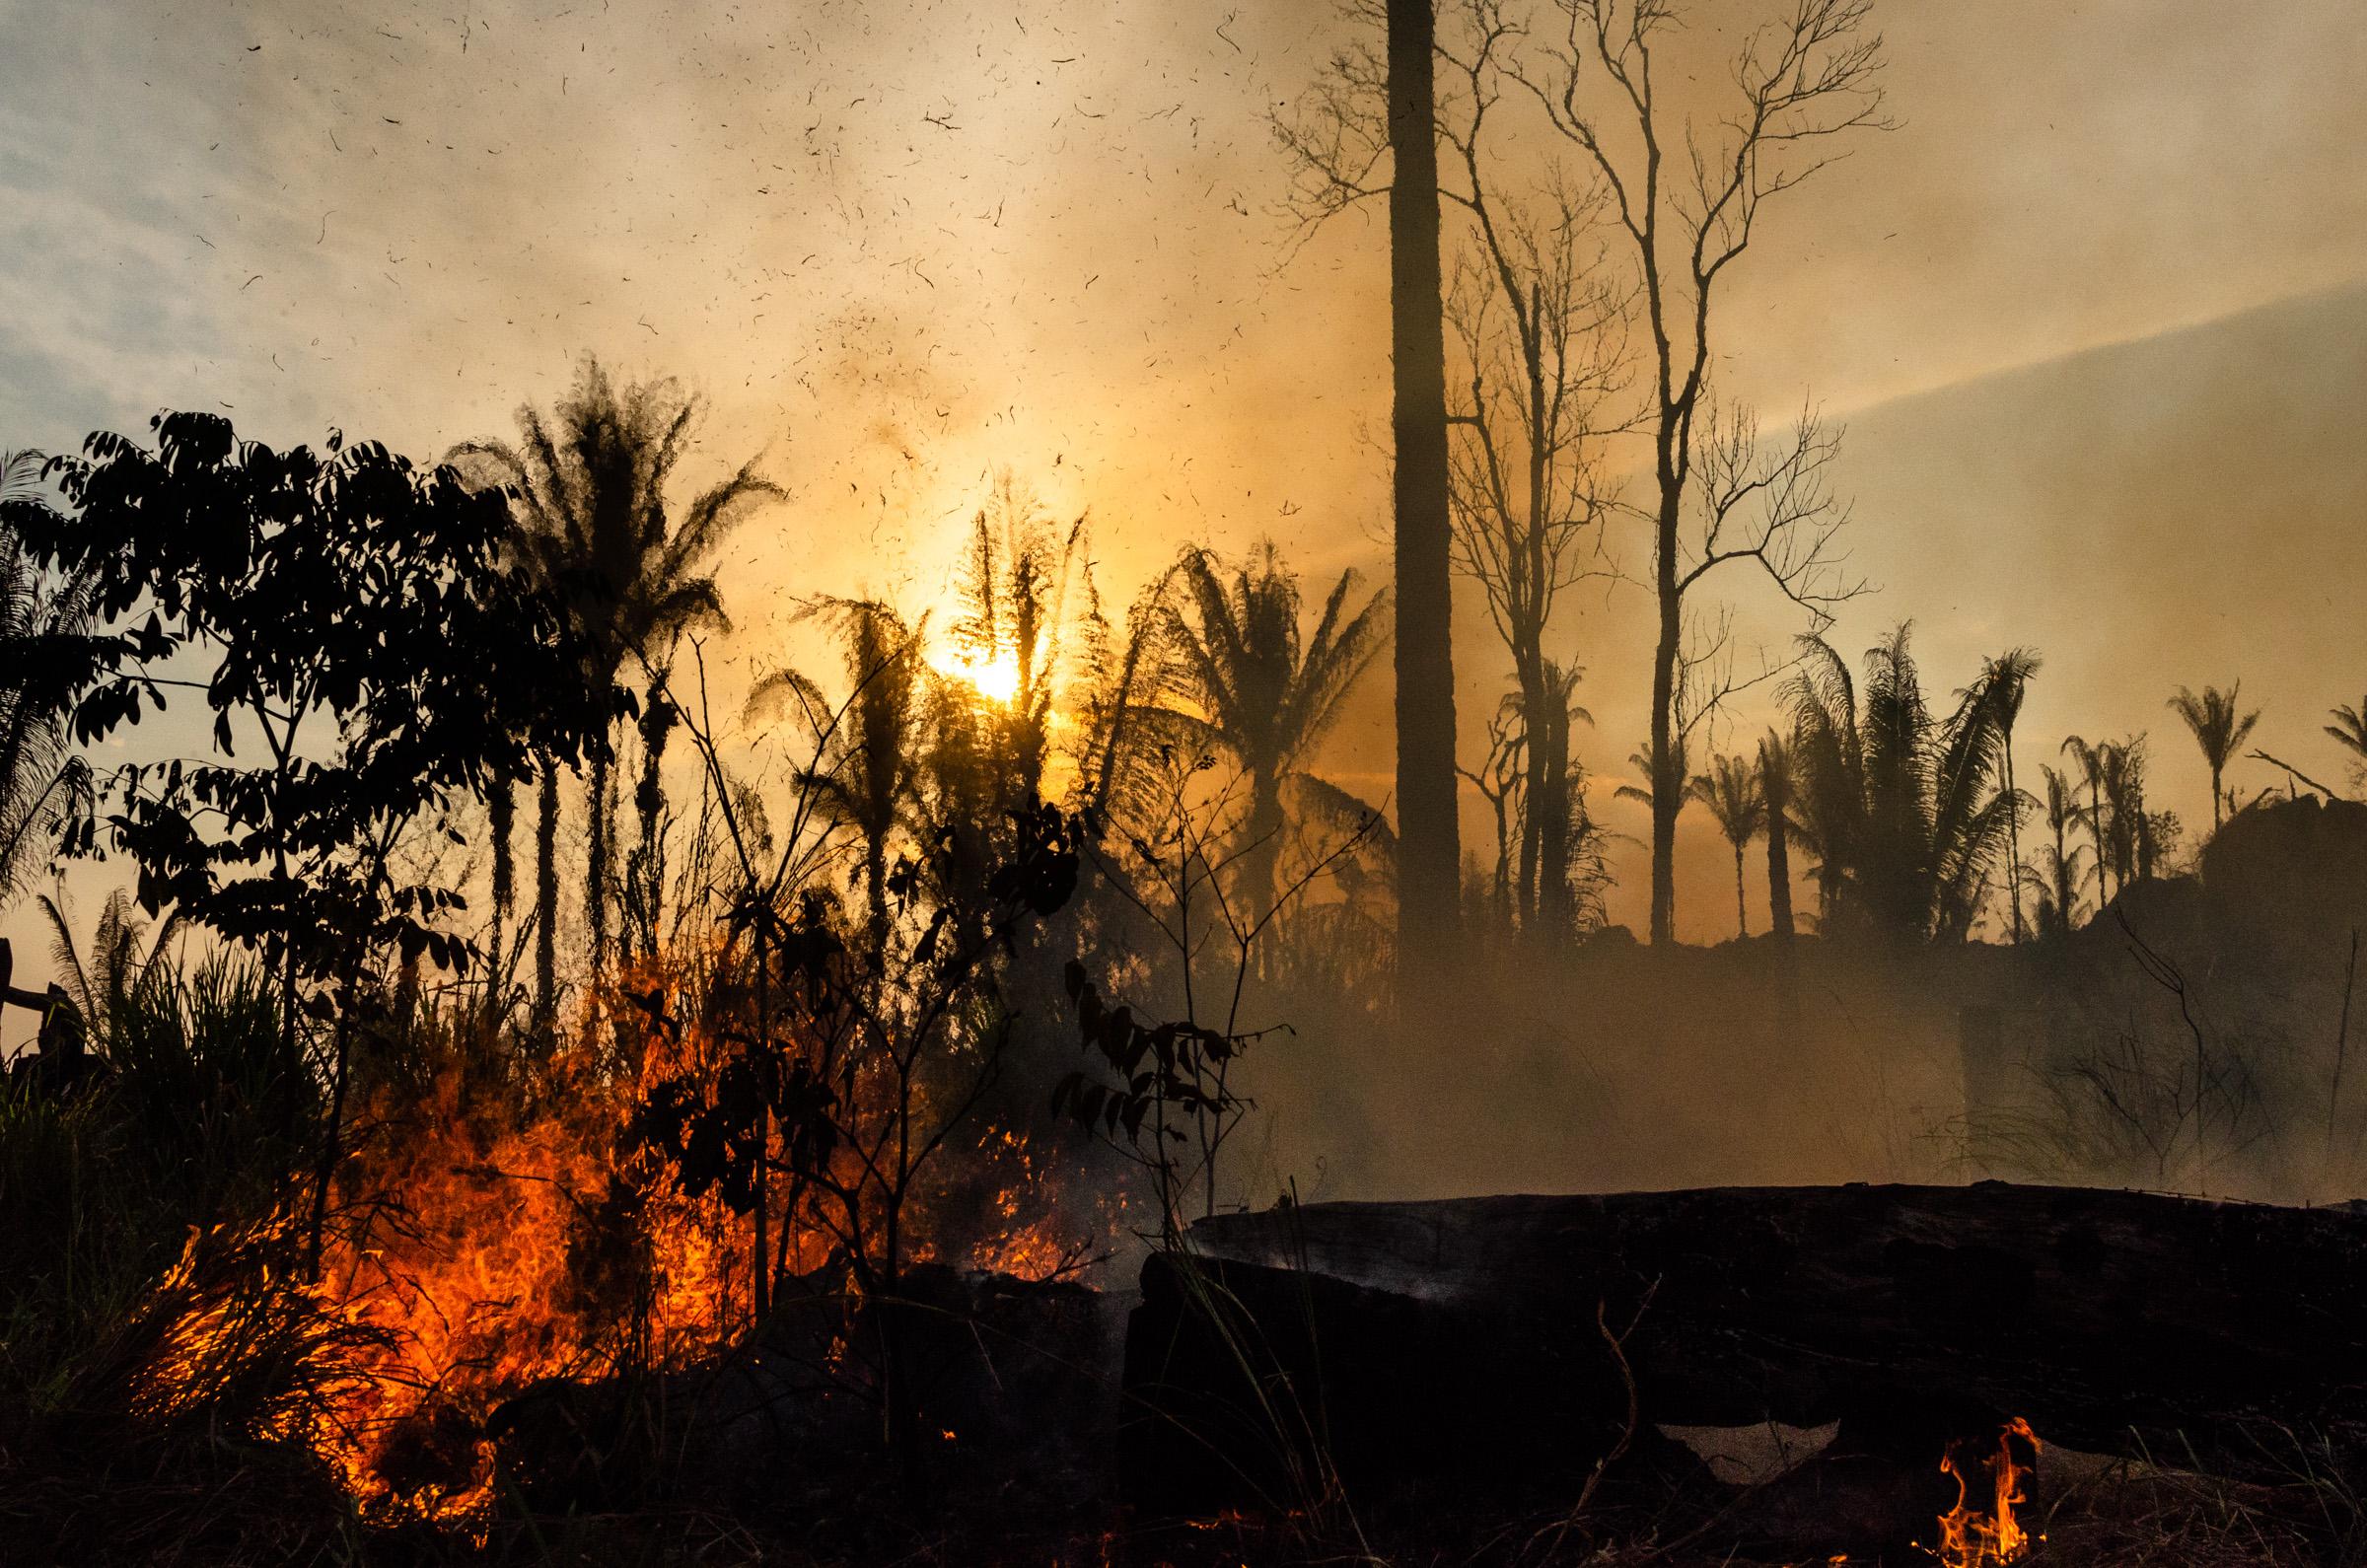 A természet pusztításában kódolva volt egy veszedelmes világjárvány